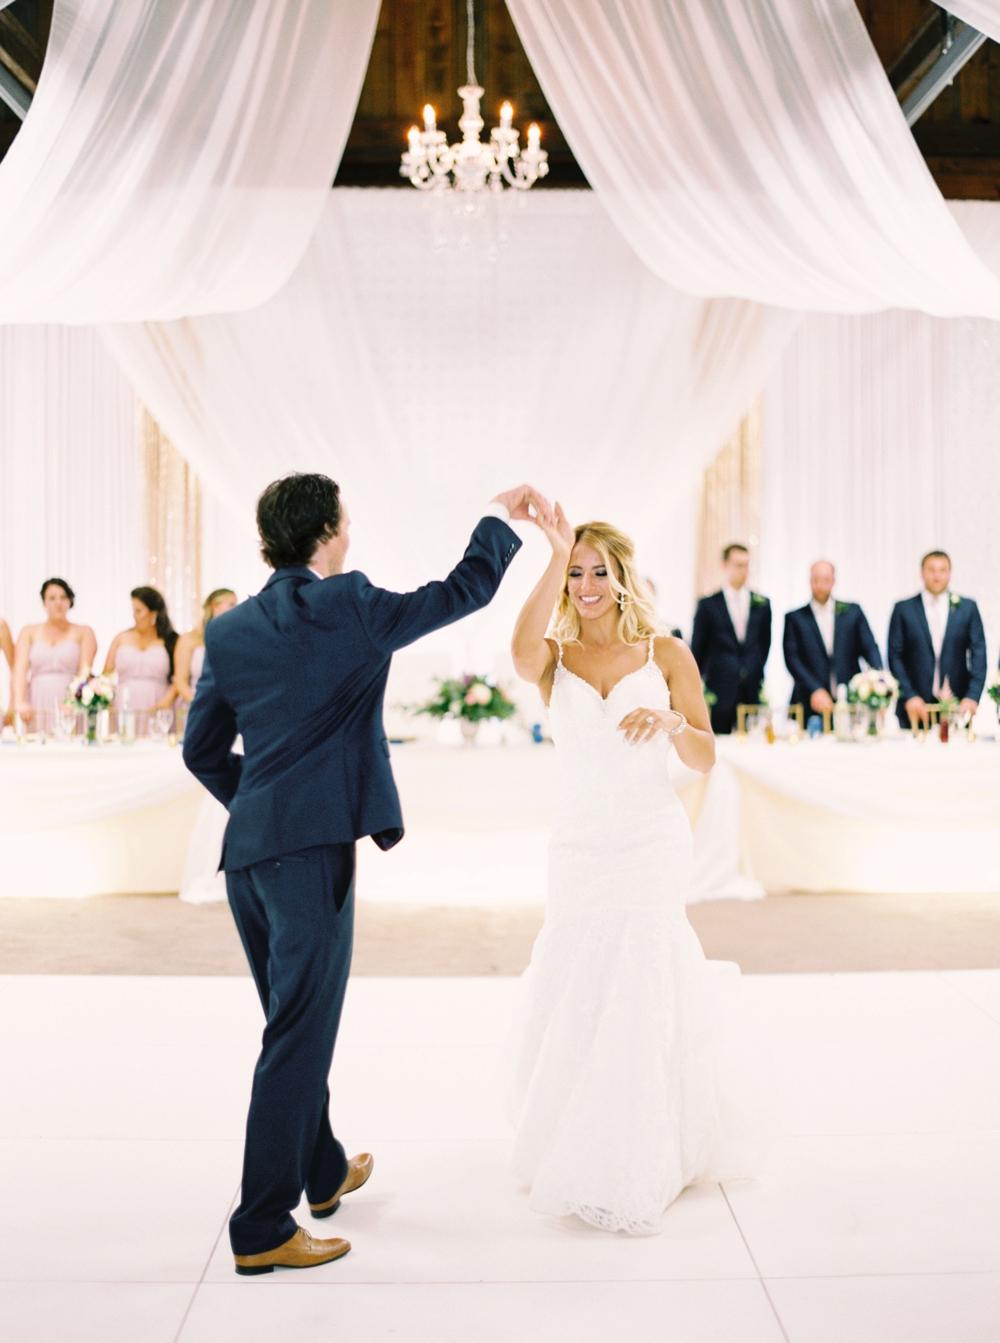 Calgary Wedding Photographers | Toronto Wedding Photography | Barn Wedding | Elegant Rustic Wedding